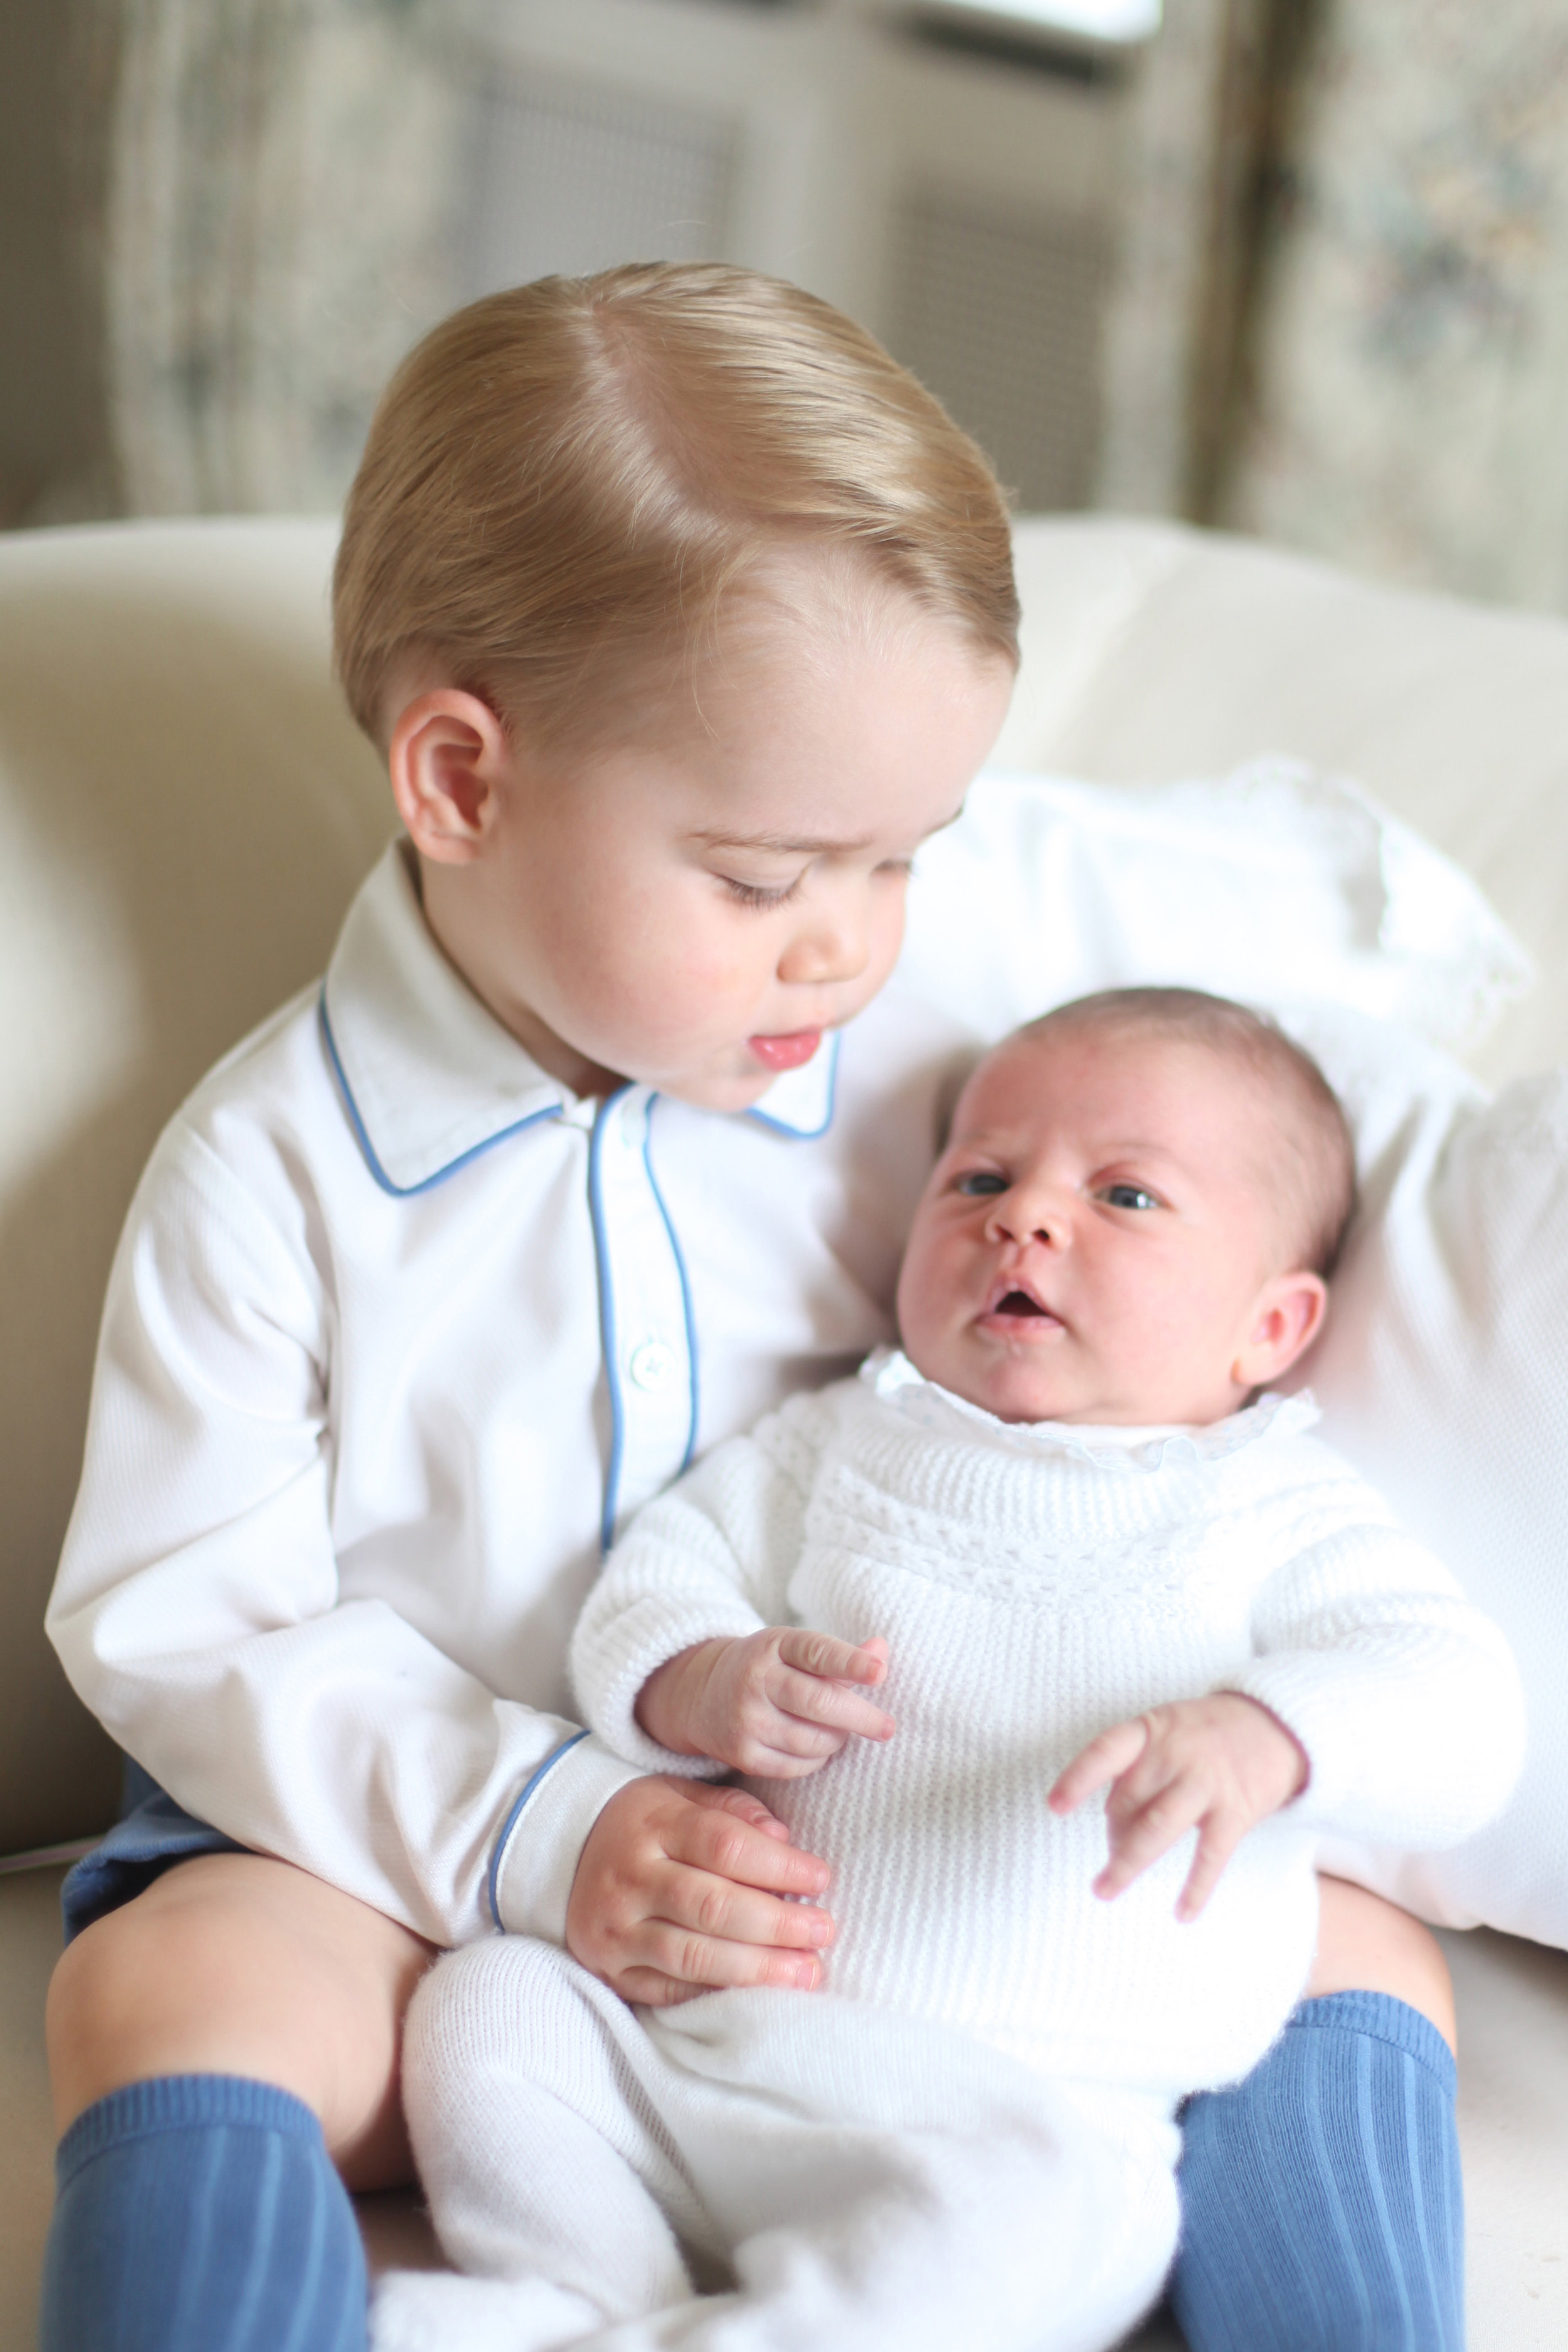 Charlotte war etwas über fünf Wochen alt, als sie ihr erstes Fotoshooting mit Prinz George hatte.  ©HRH The Duchess of Cambridge via Getty Images